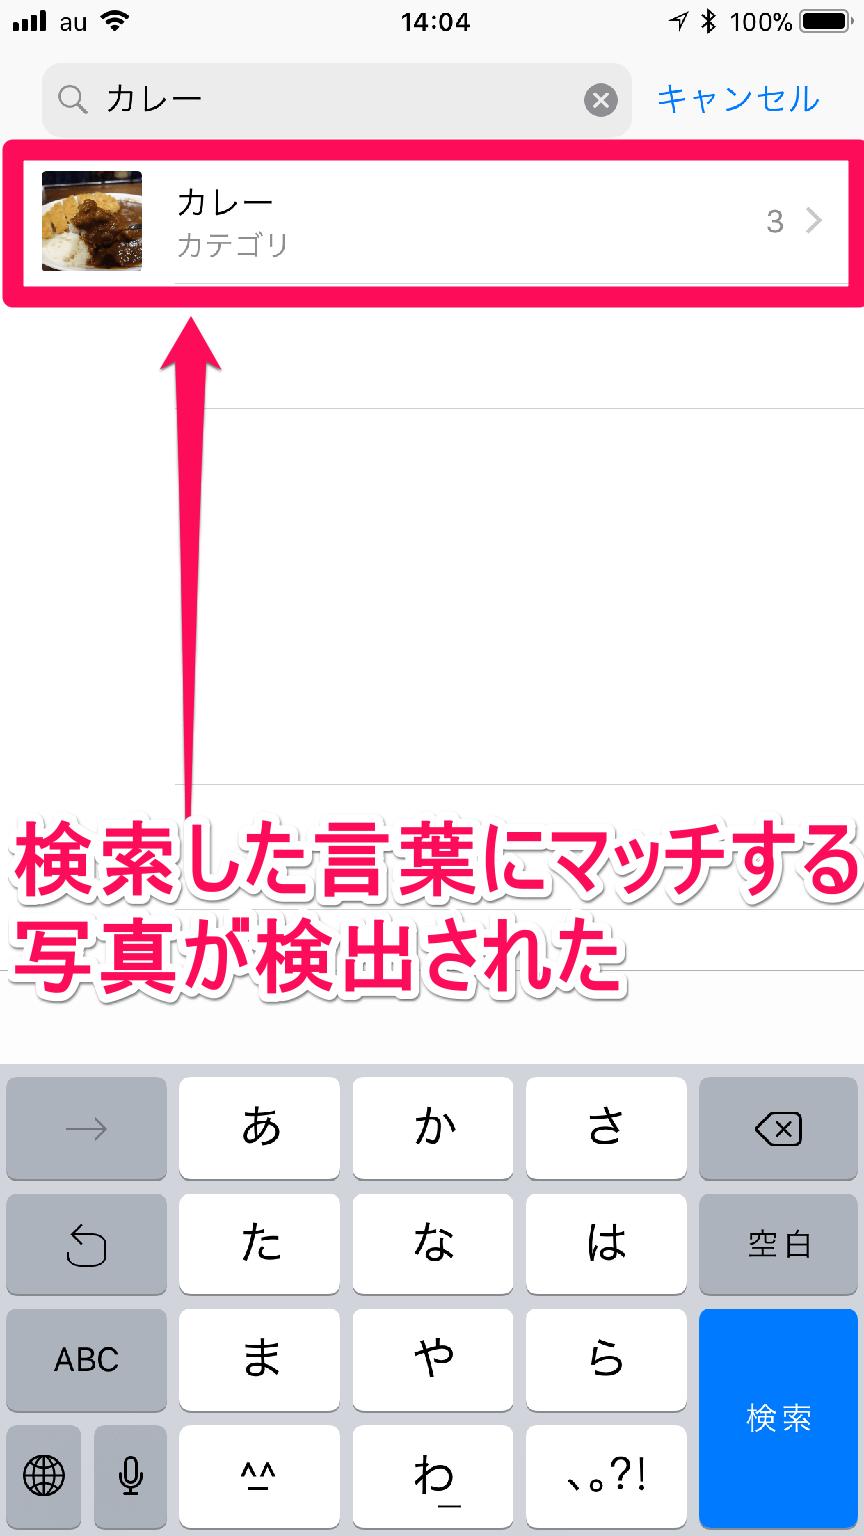 iPhone(アイフォーン)の[写真]アプリで検索を行った結果の画面